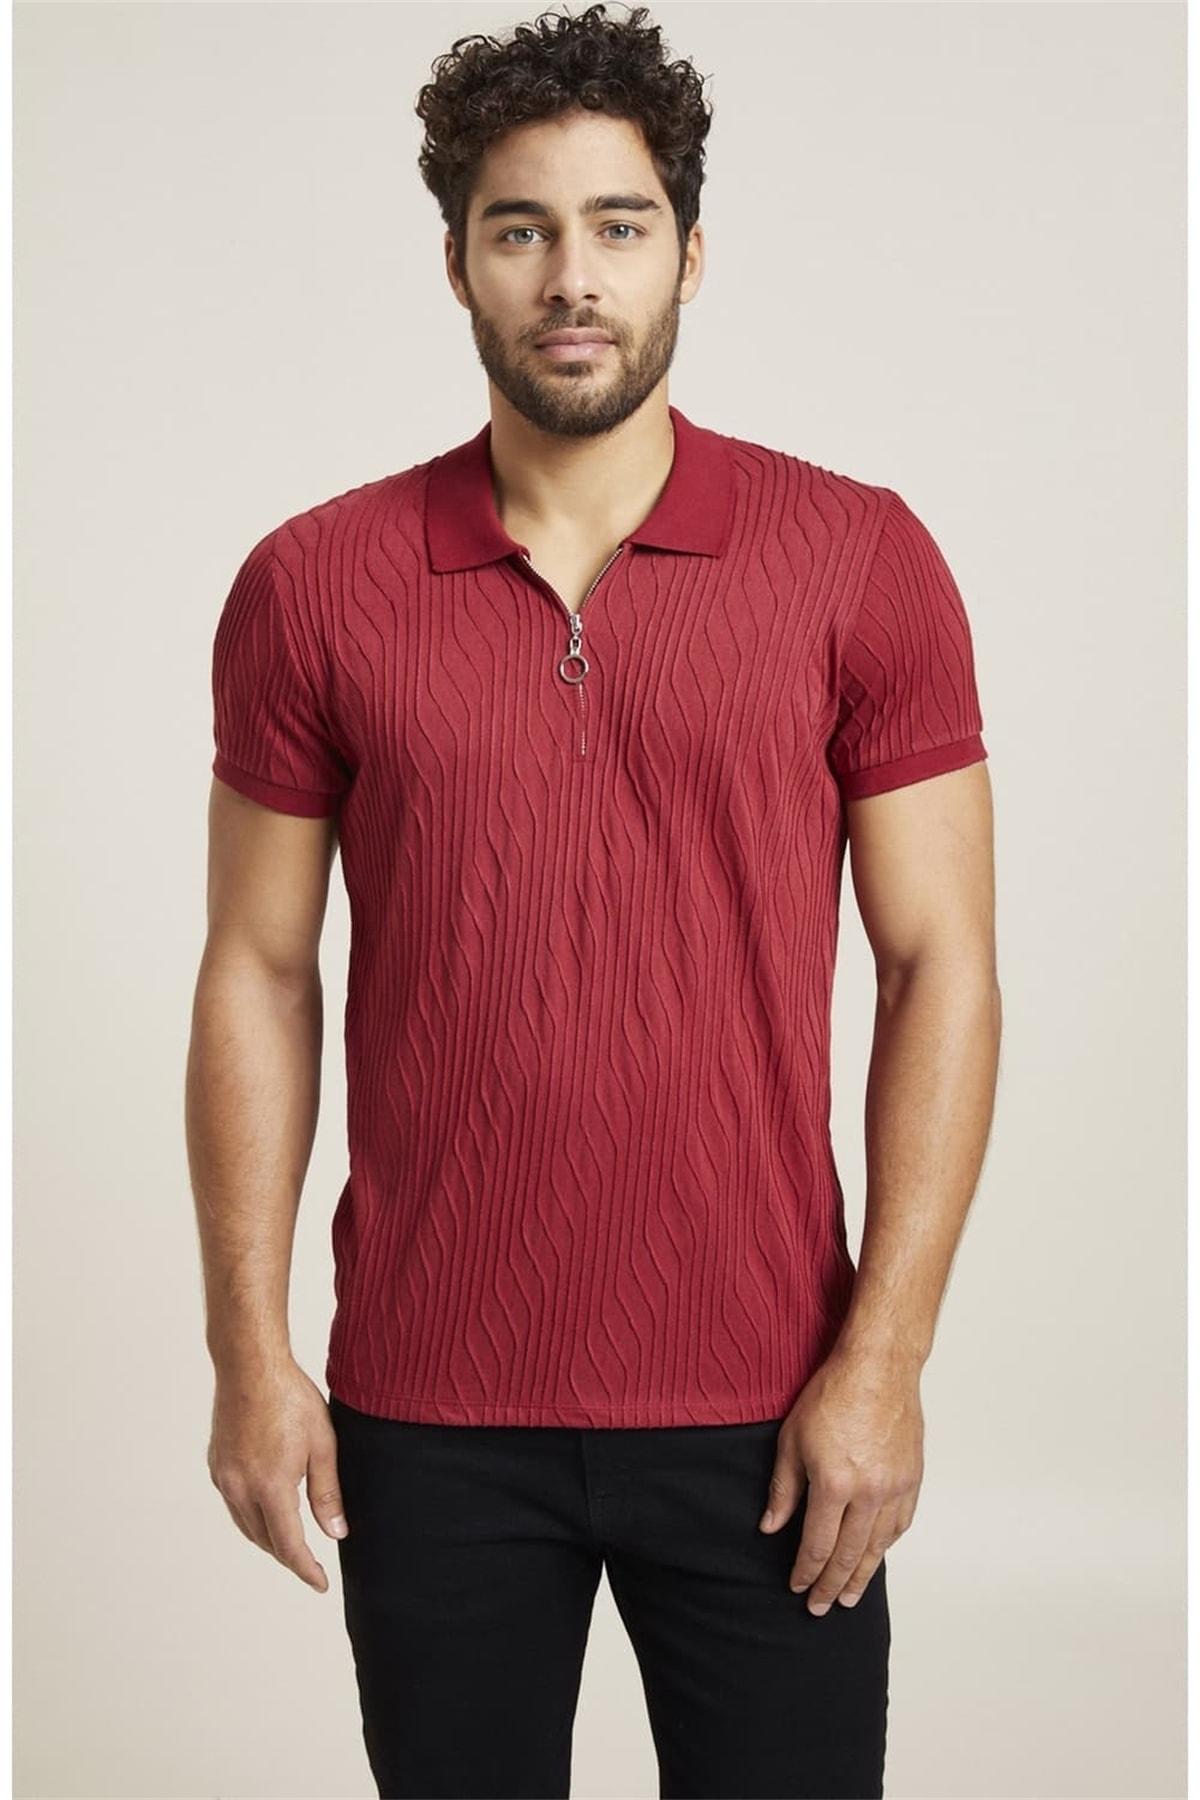 Efor Ts 767 Slim Fit Bordo Spor T-shirt 2